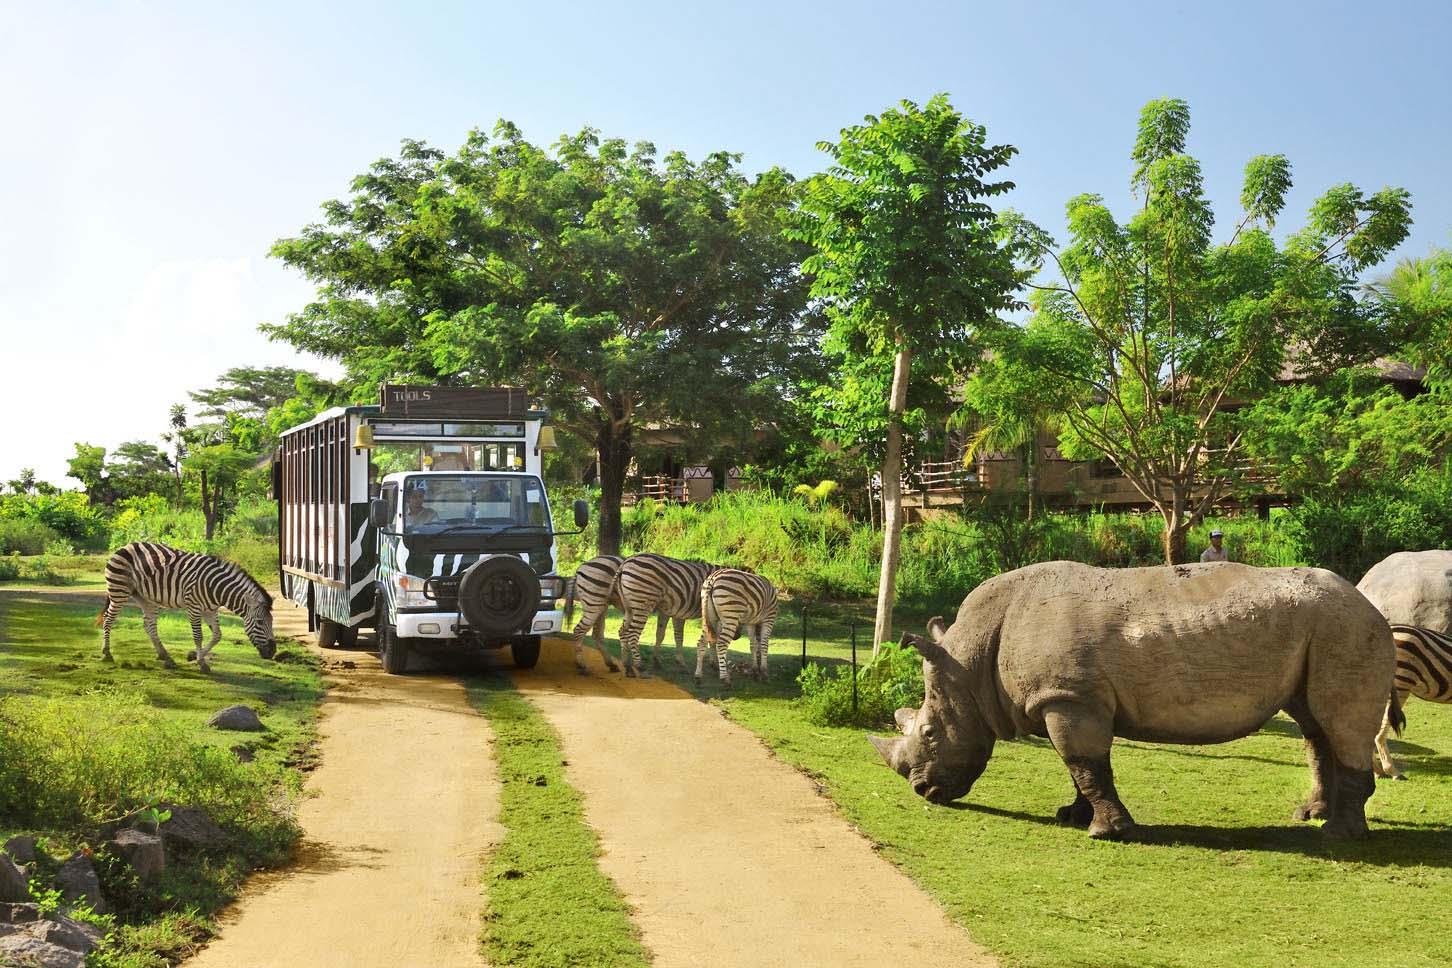 Bali Safari And Marine Park Wisata Asik Dan Menyenangkan Bali